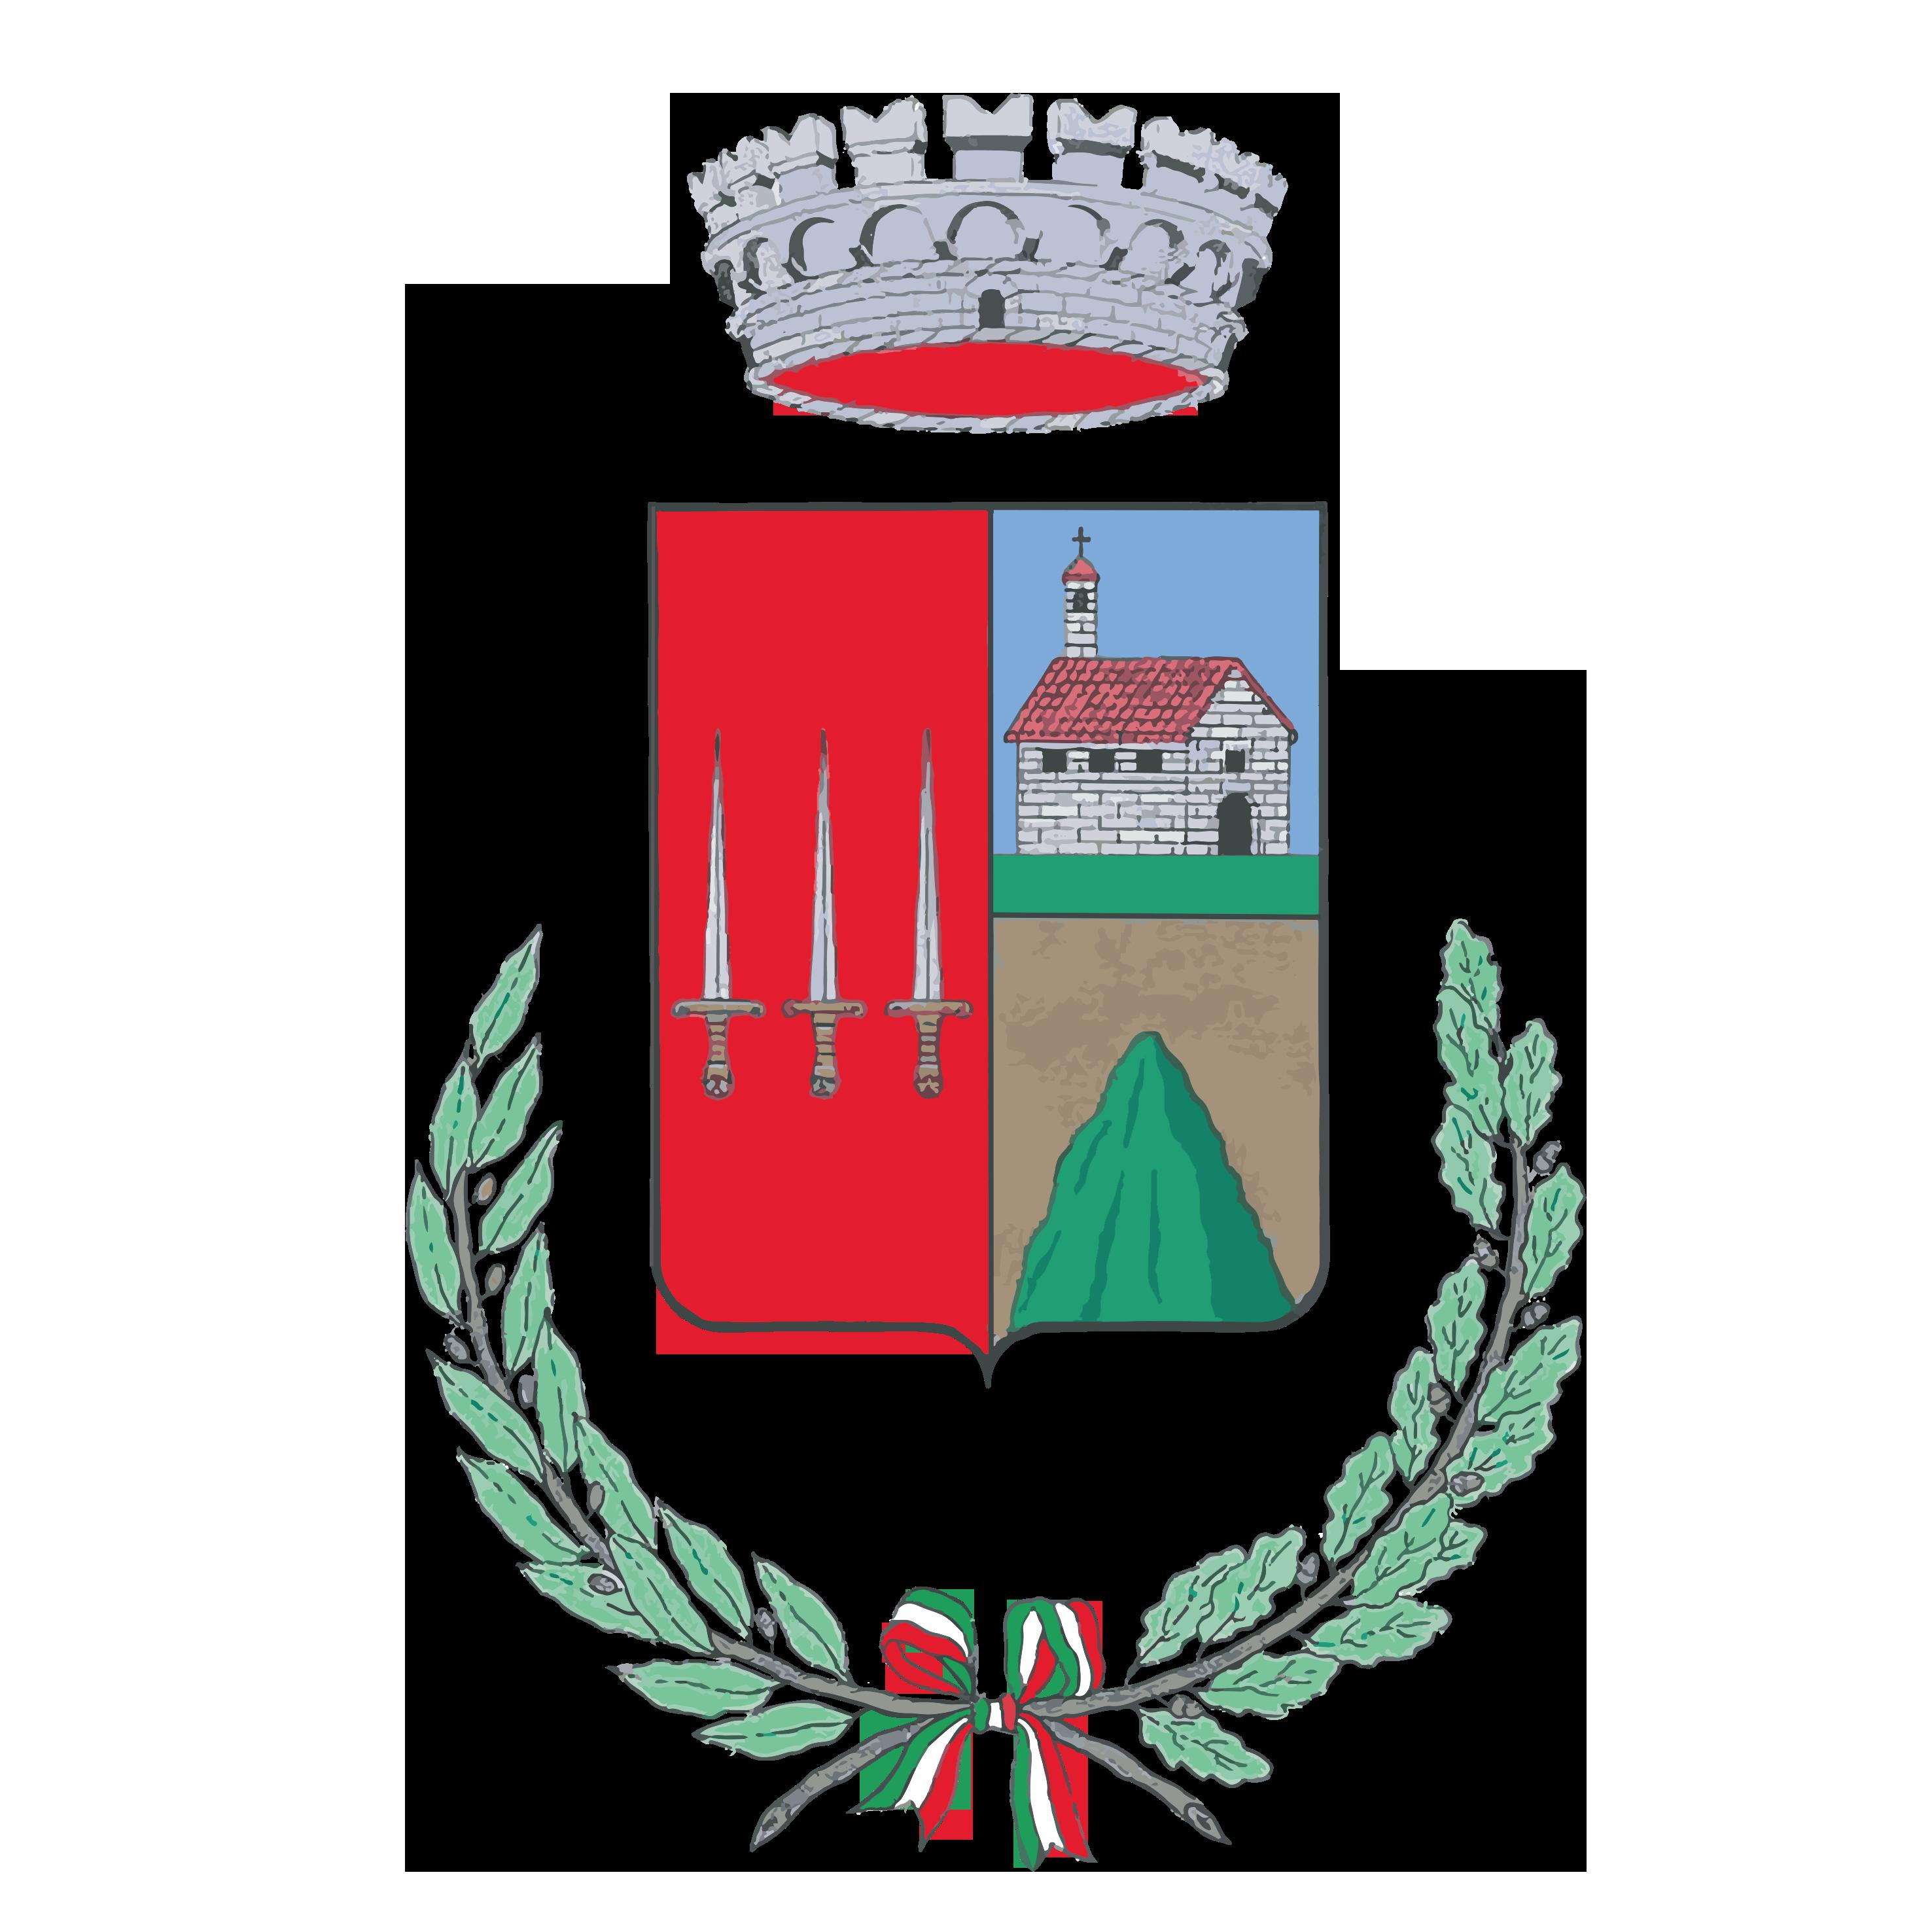 Comune di Clivio